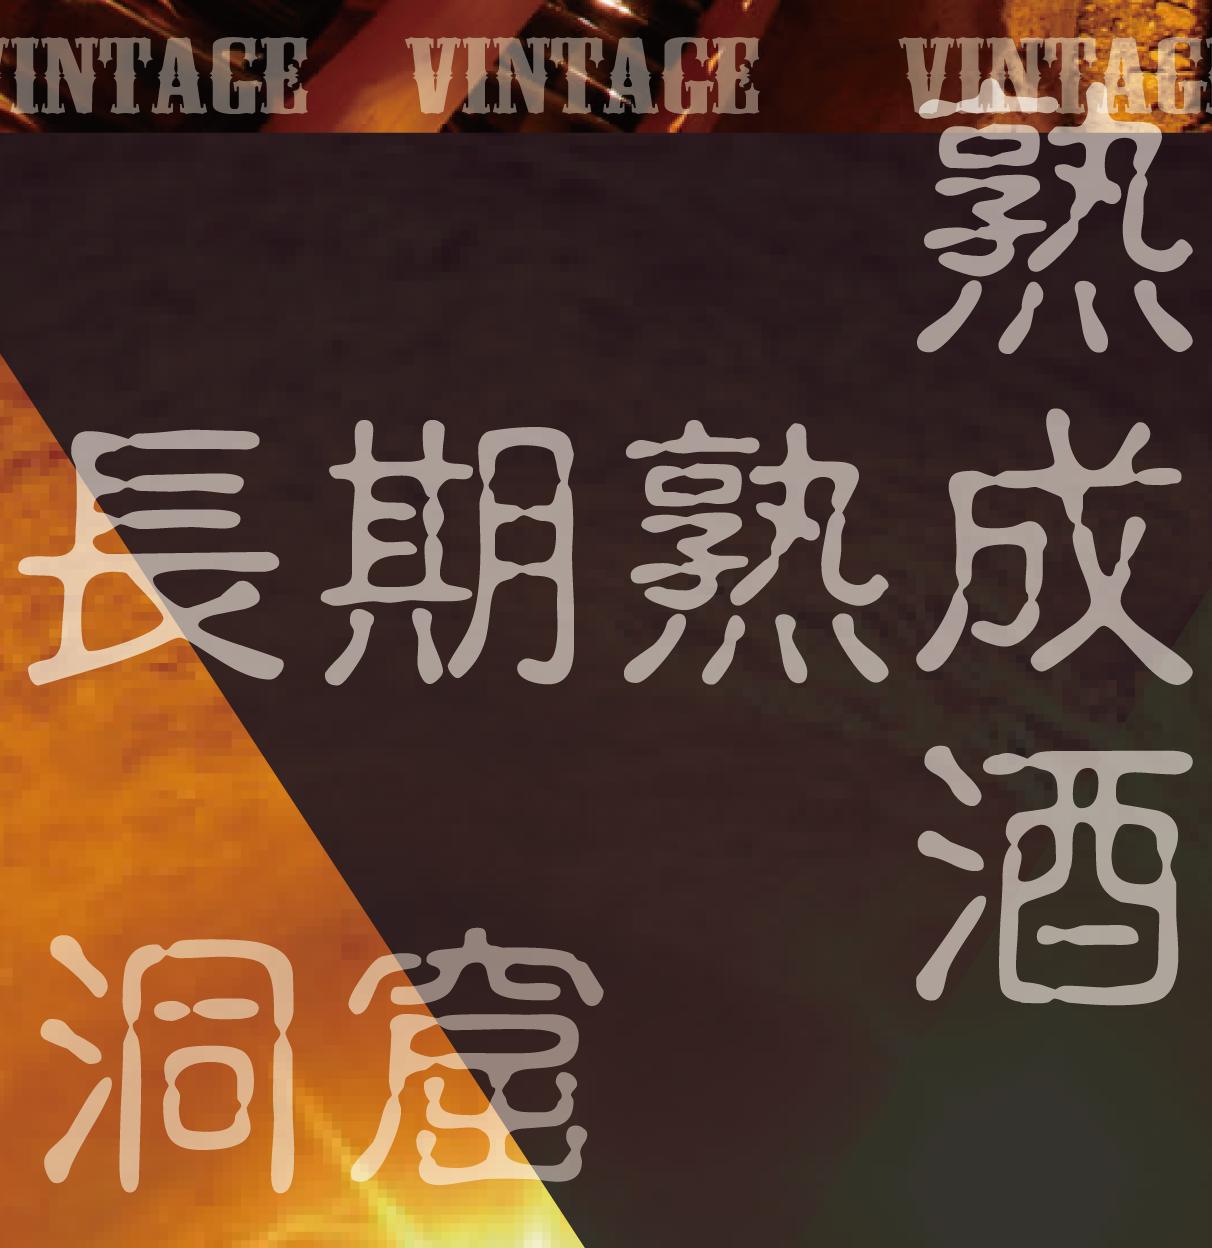 日本酒 vintage 洞窟 長期熟成 熟成酒